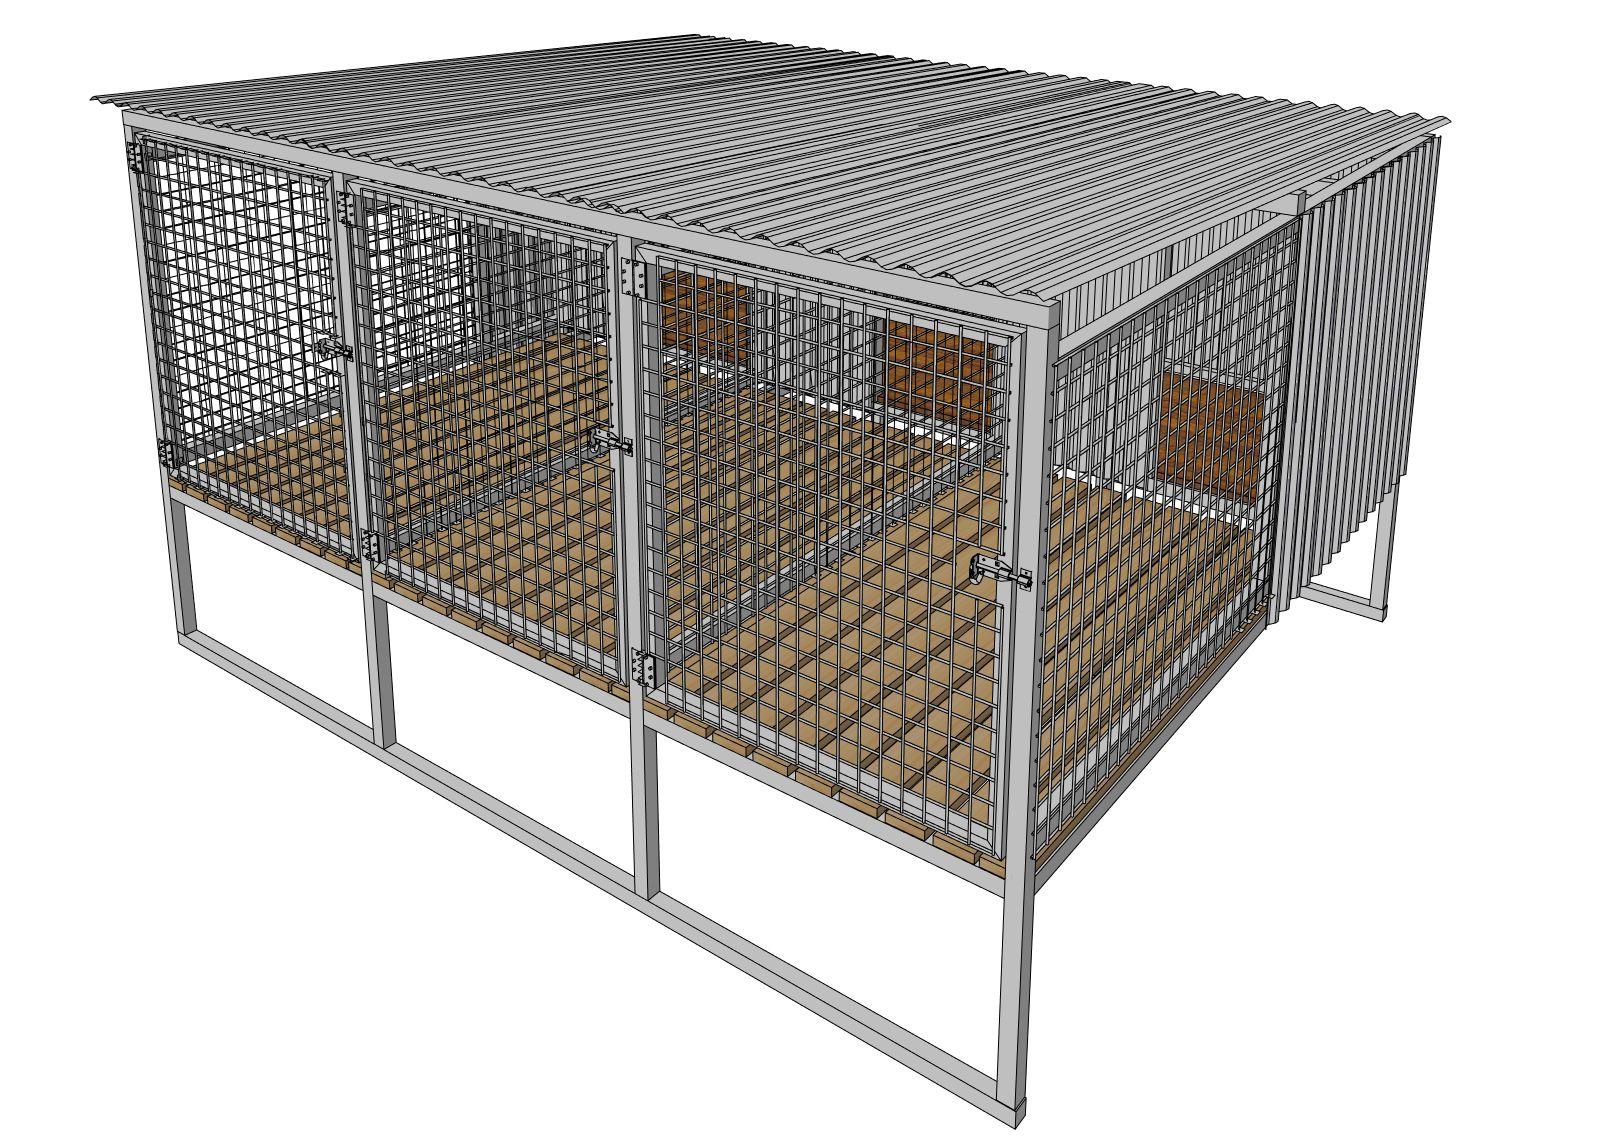 3 Bay Raised Dog Cage Or Kennel Dog Kennel Kennel Dog Cages